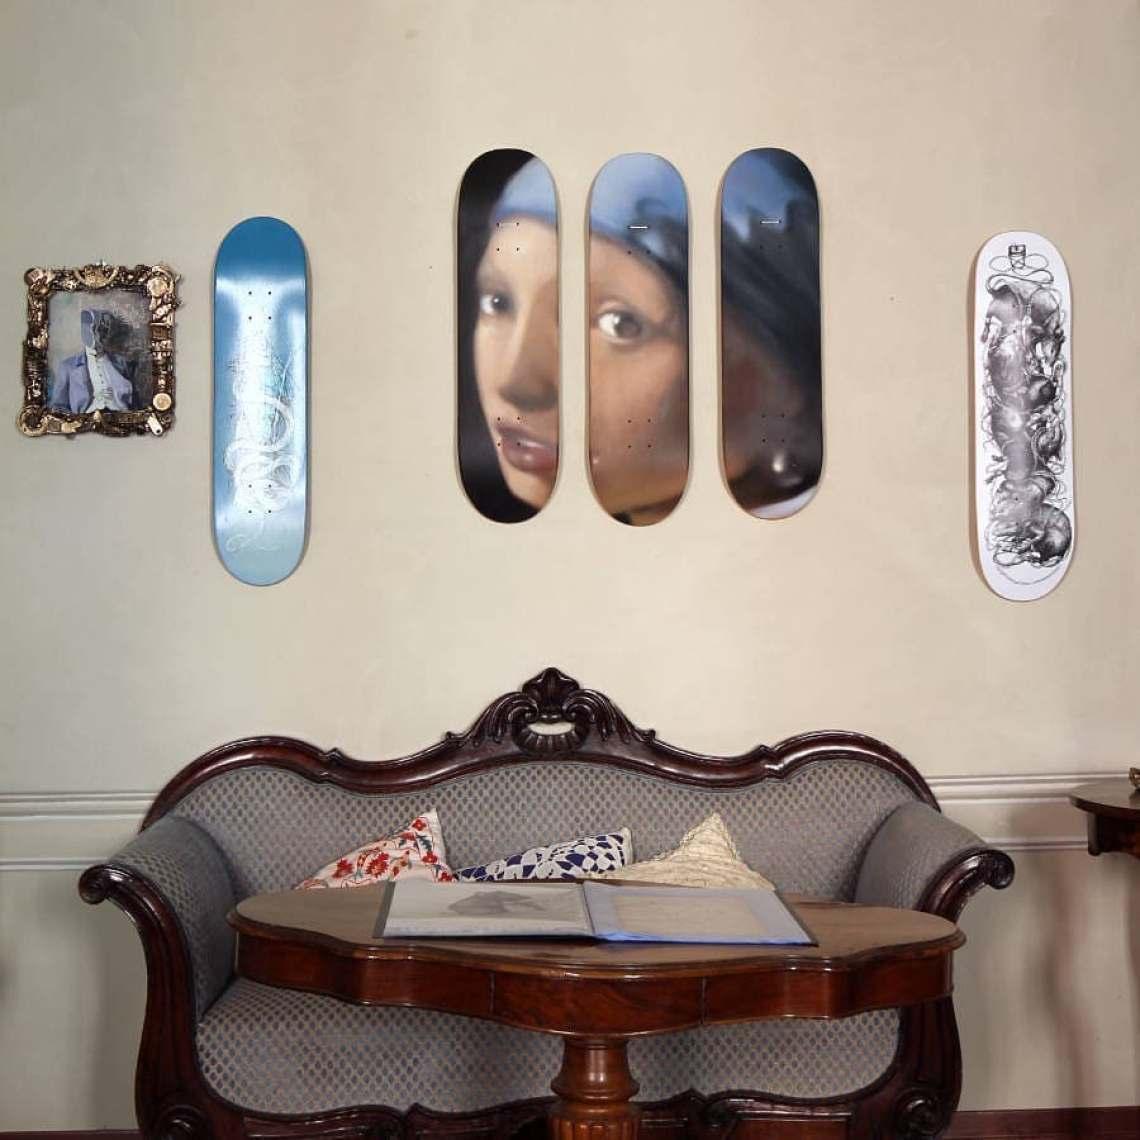 La Ragazza Con L Orecchino Di Perla Trittico Skateboards By Andrea Ravo Mattoni X Bonobolabo 4